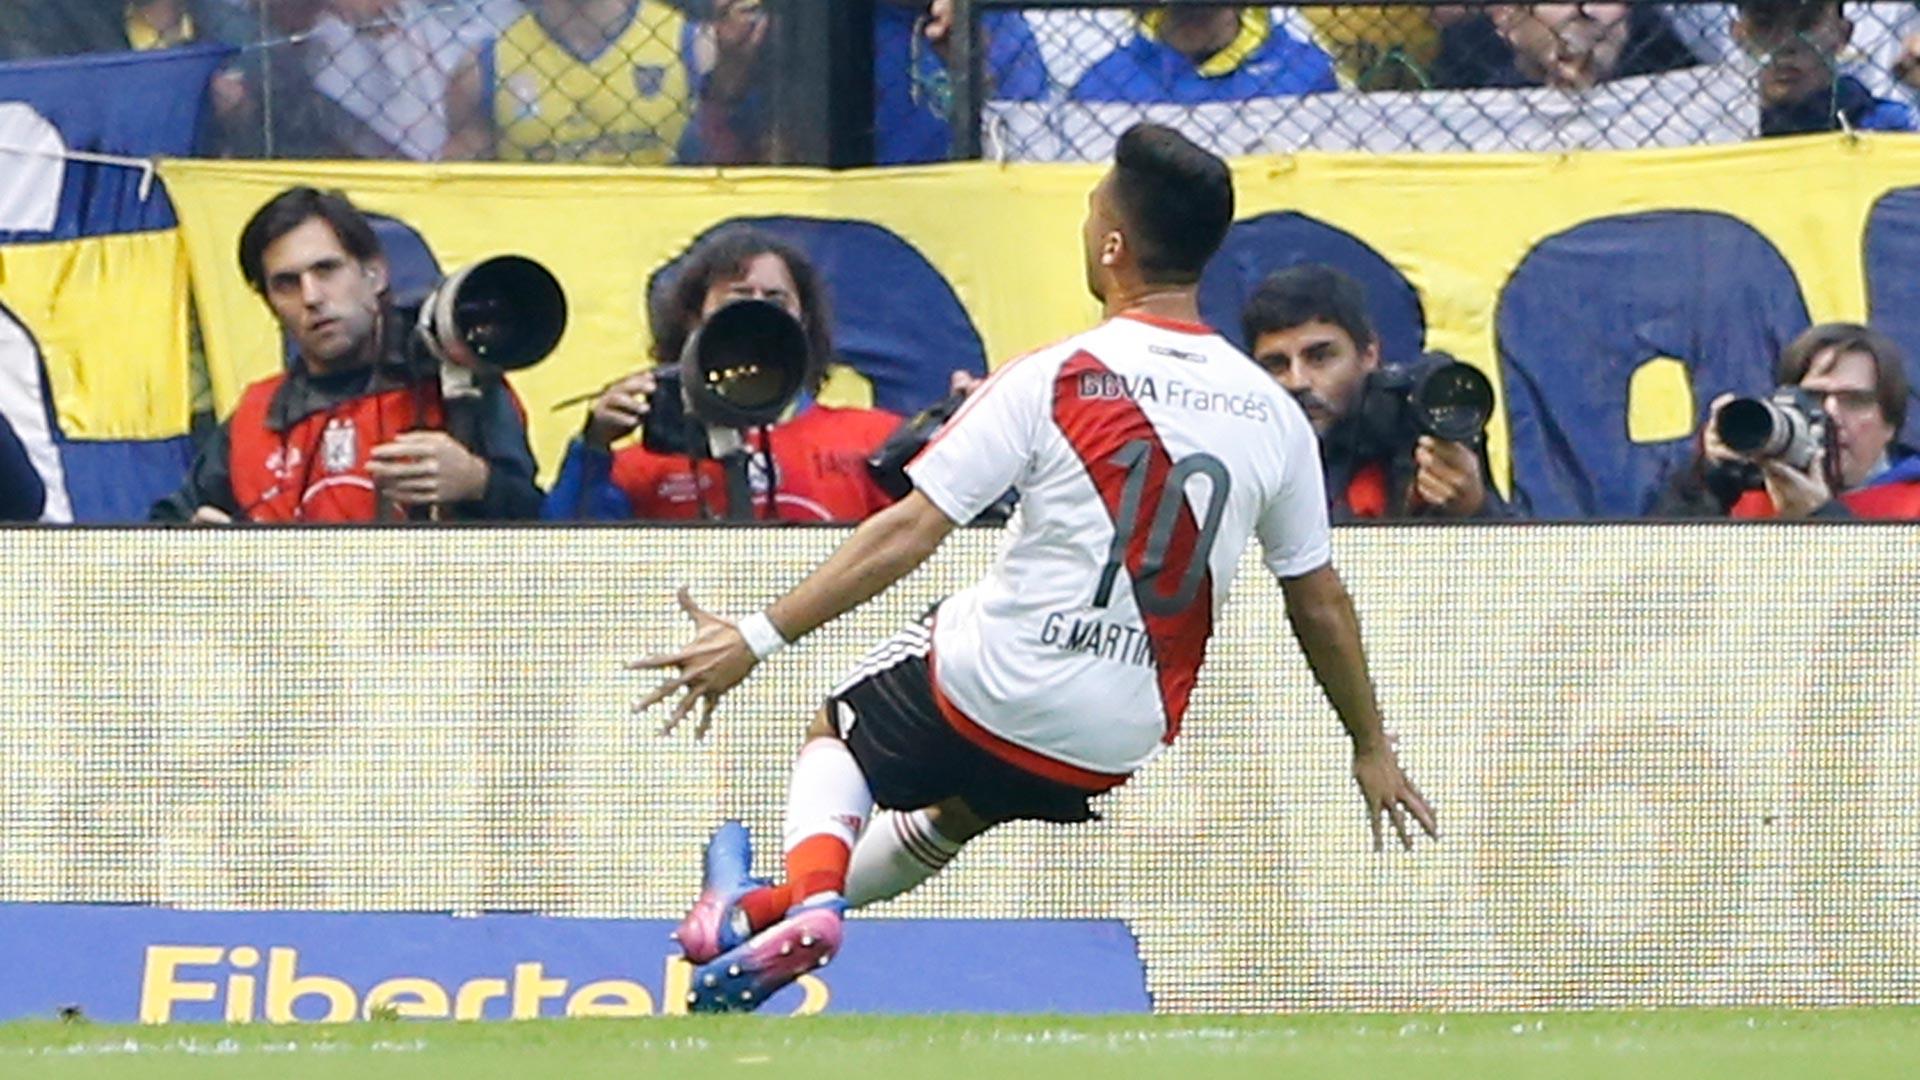 Con una espectacular volea en el área, Pity Martínez marcó el primer gol